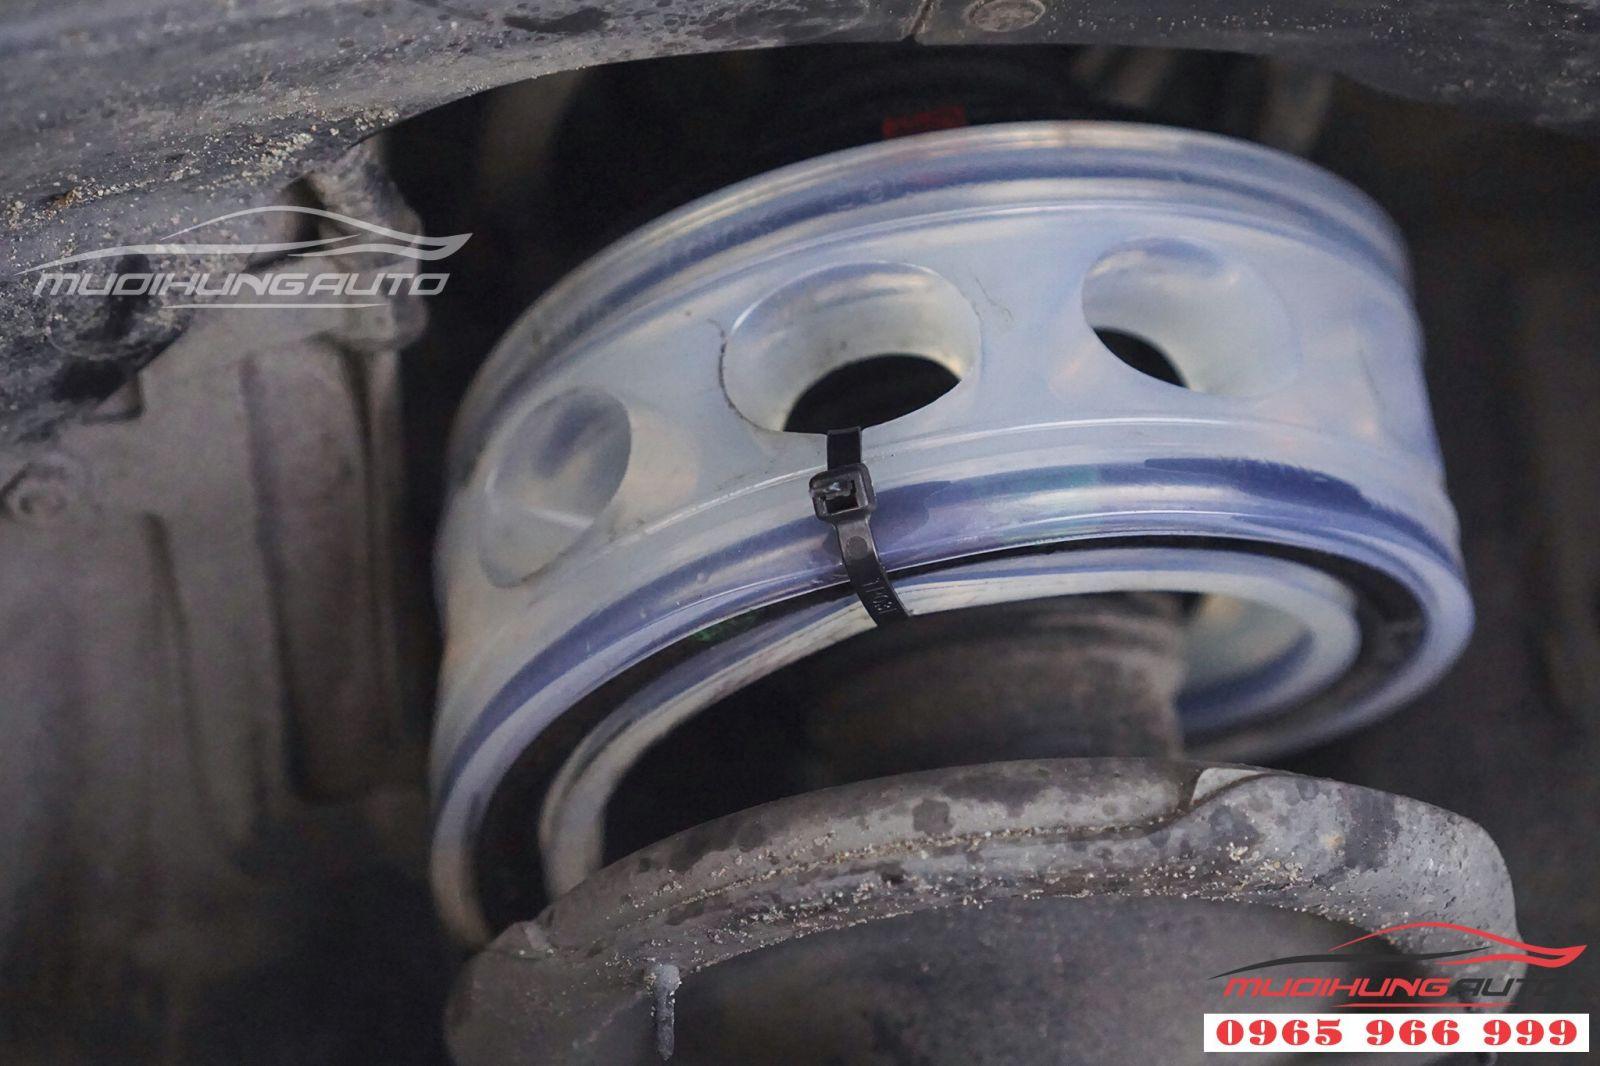 Đệm giảm chấn TTC cho Hyundai Grand i20 giá tốt 08